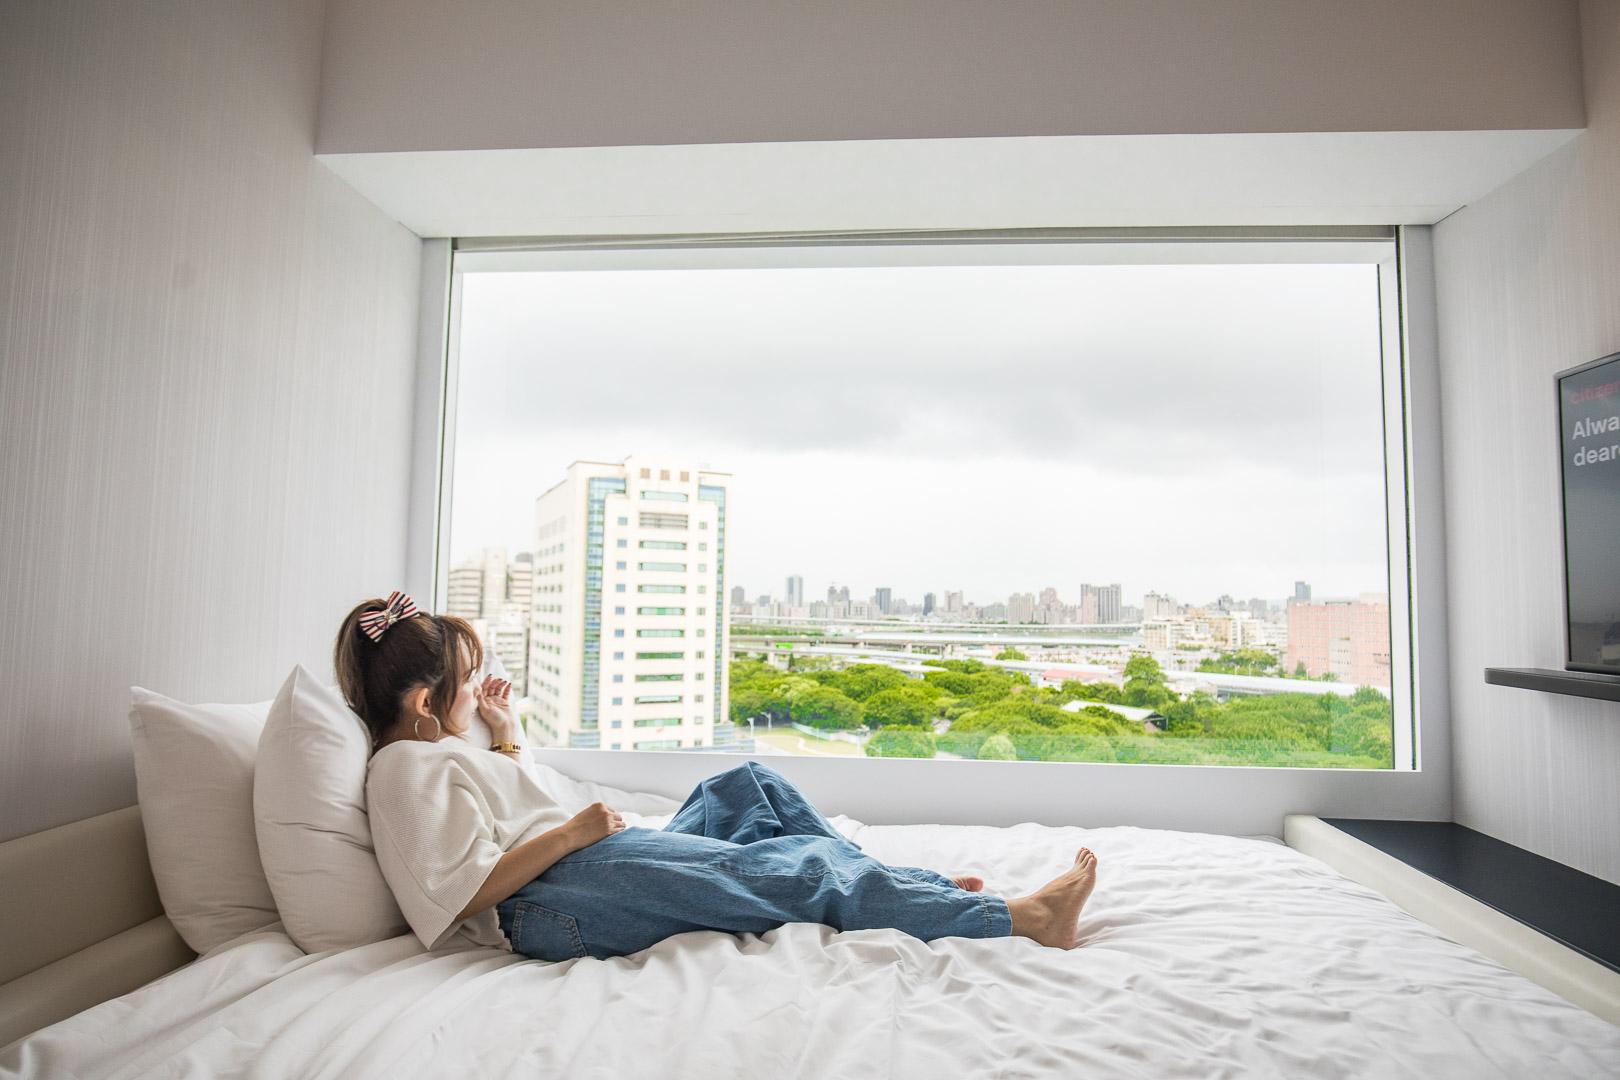 [台北住宿]citizenM北門世民酒店/躺在床上就能看大稻埕煙火,台北最美景觀煙火房